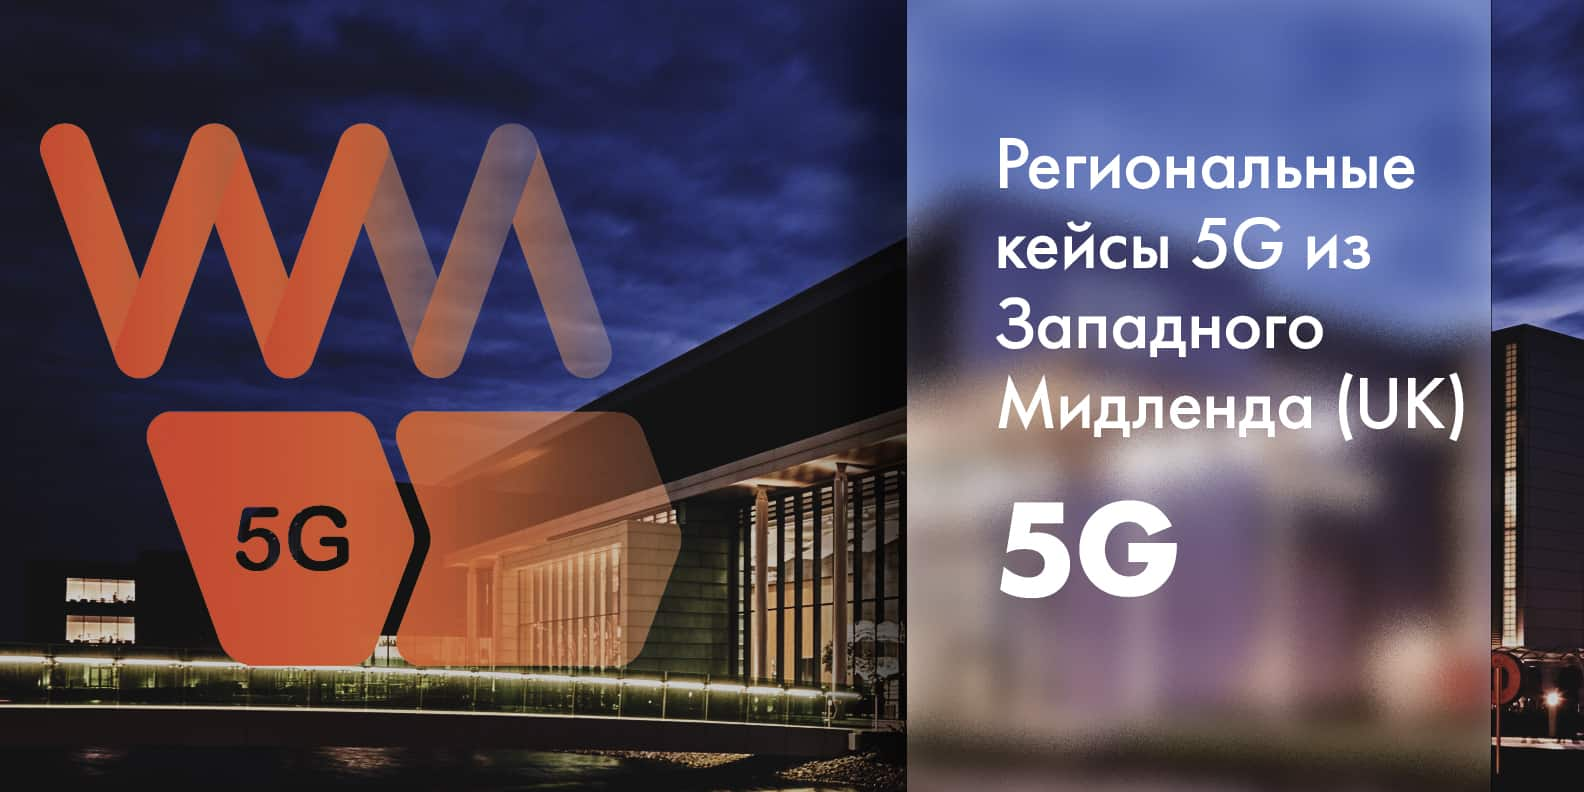 В Великобритании, в Западном Мидленде, запущена инициатива West Midlands 5G (WM5G), цель которой – трансформация привычных сервисов с помощью пятого поколения связи. Одно из направлений – это решения для транспорта…